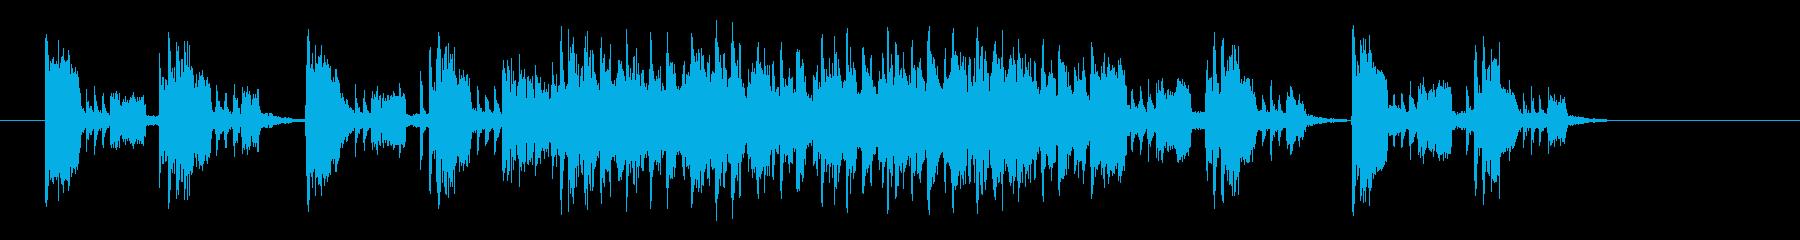 激しくクールなシンセサイザーのテクノの再生済みの波形